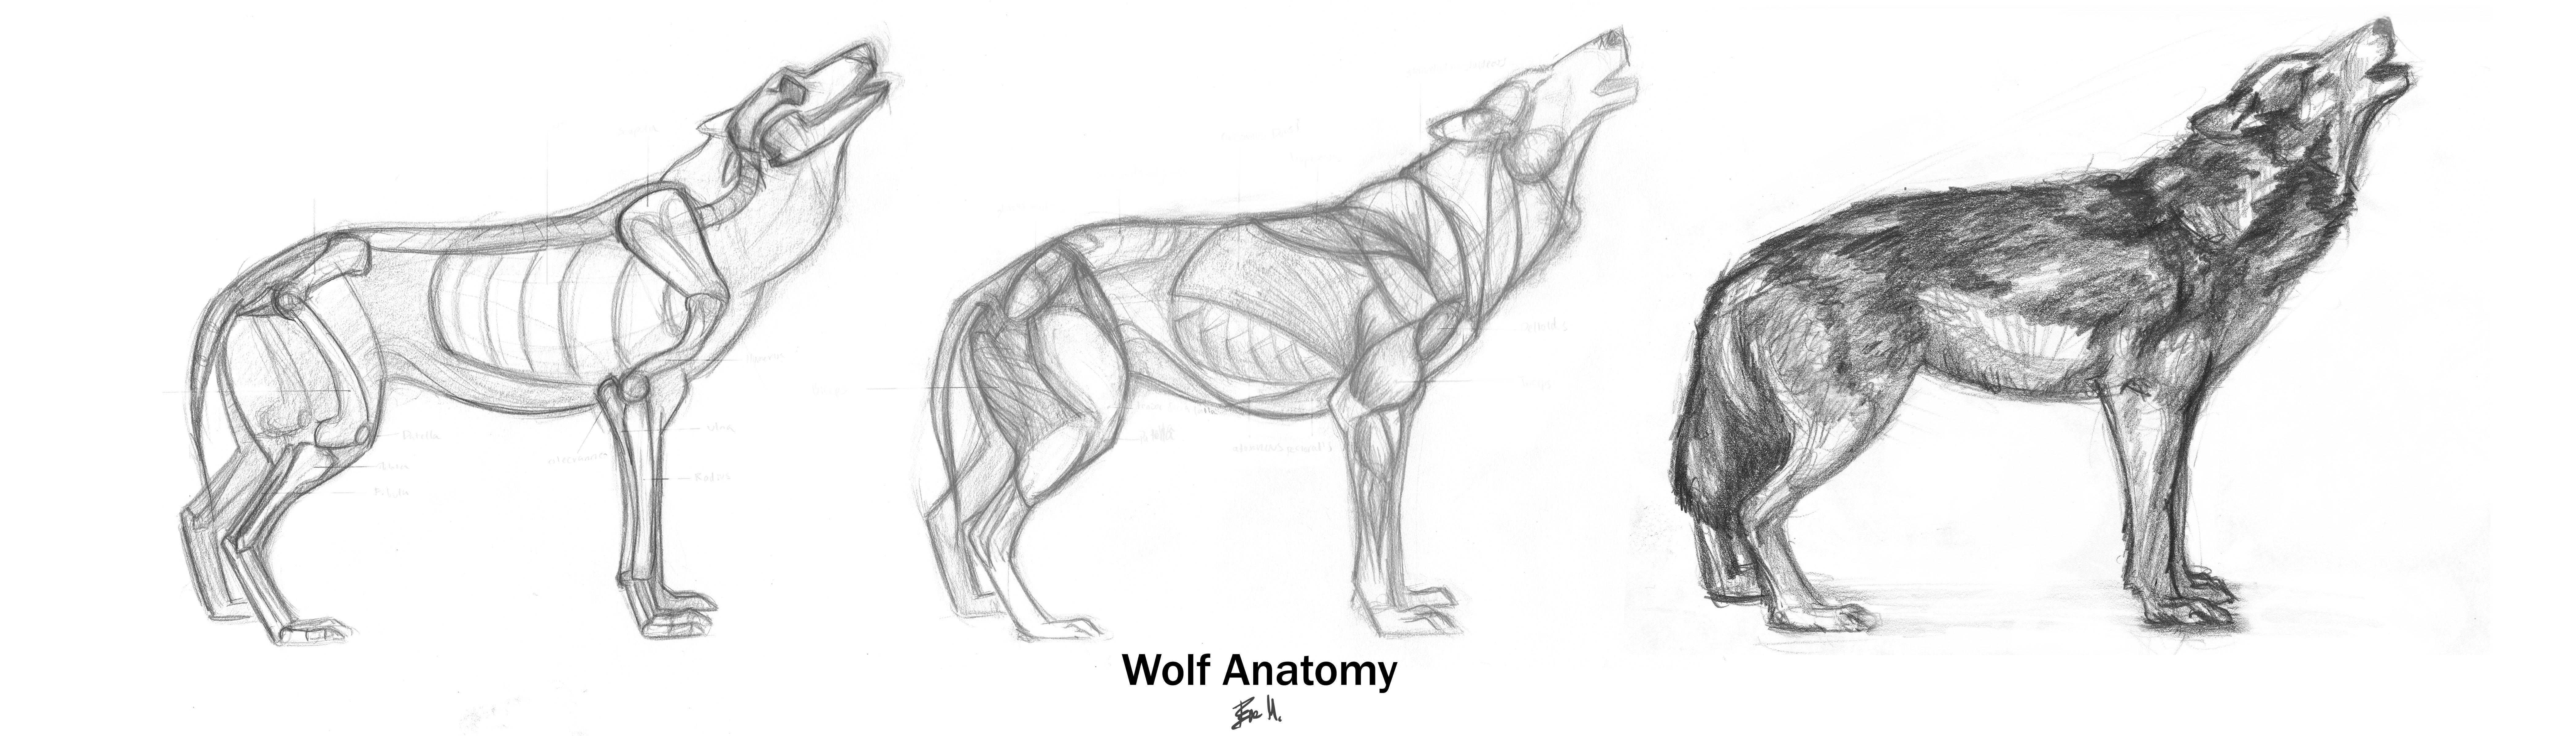 how to draw a werewolf body